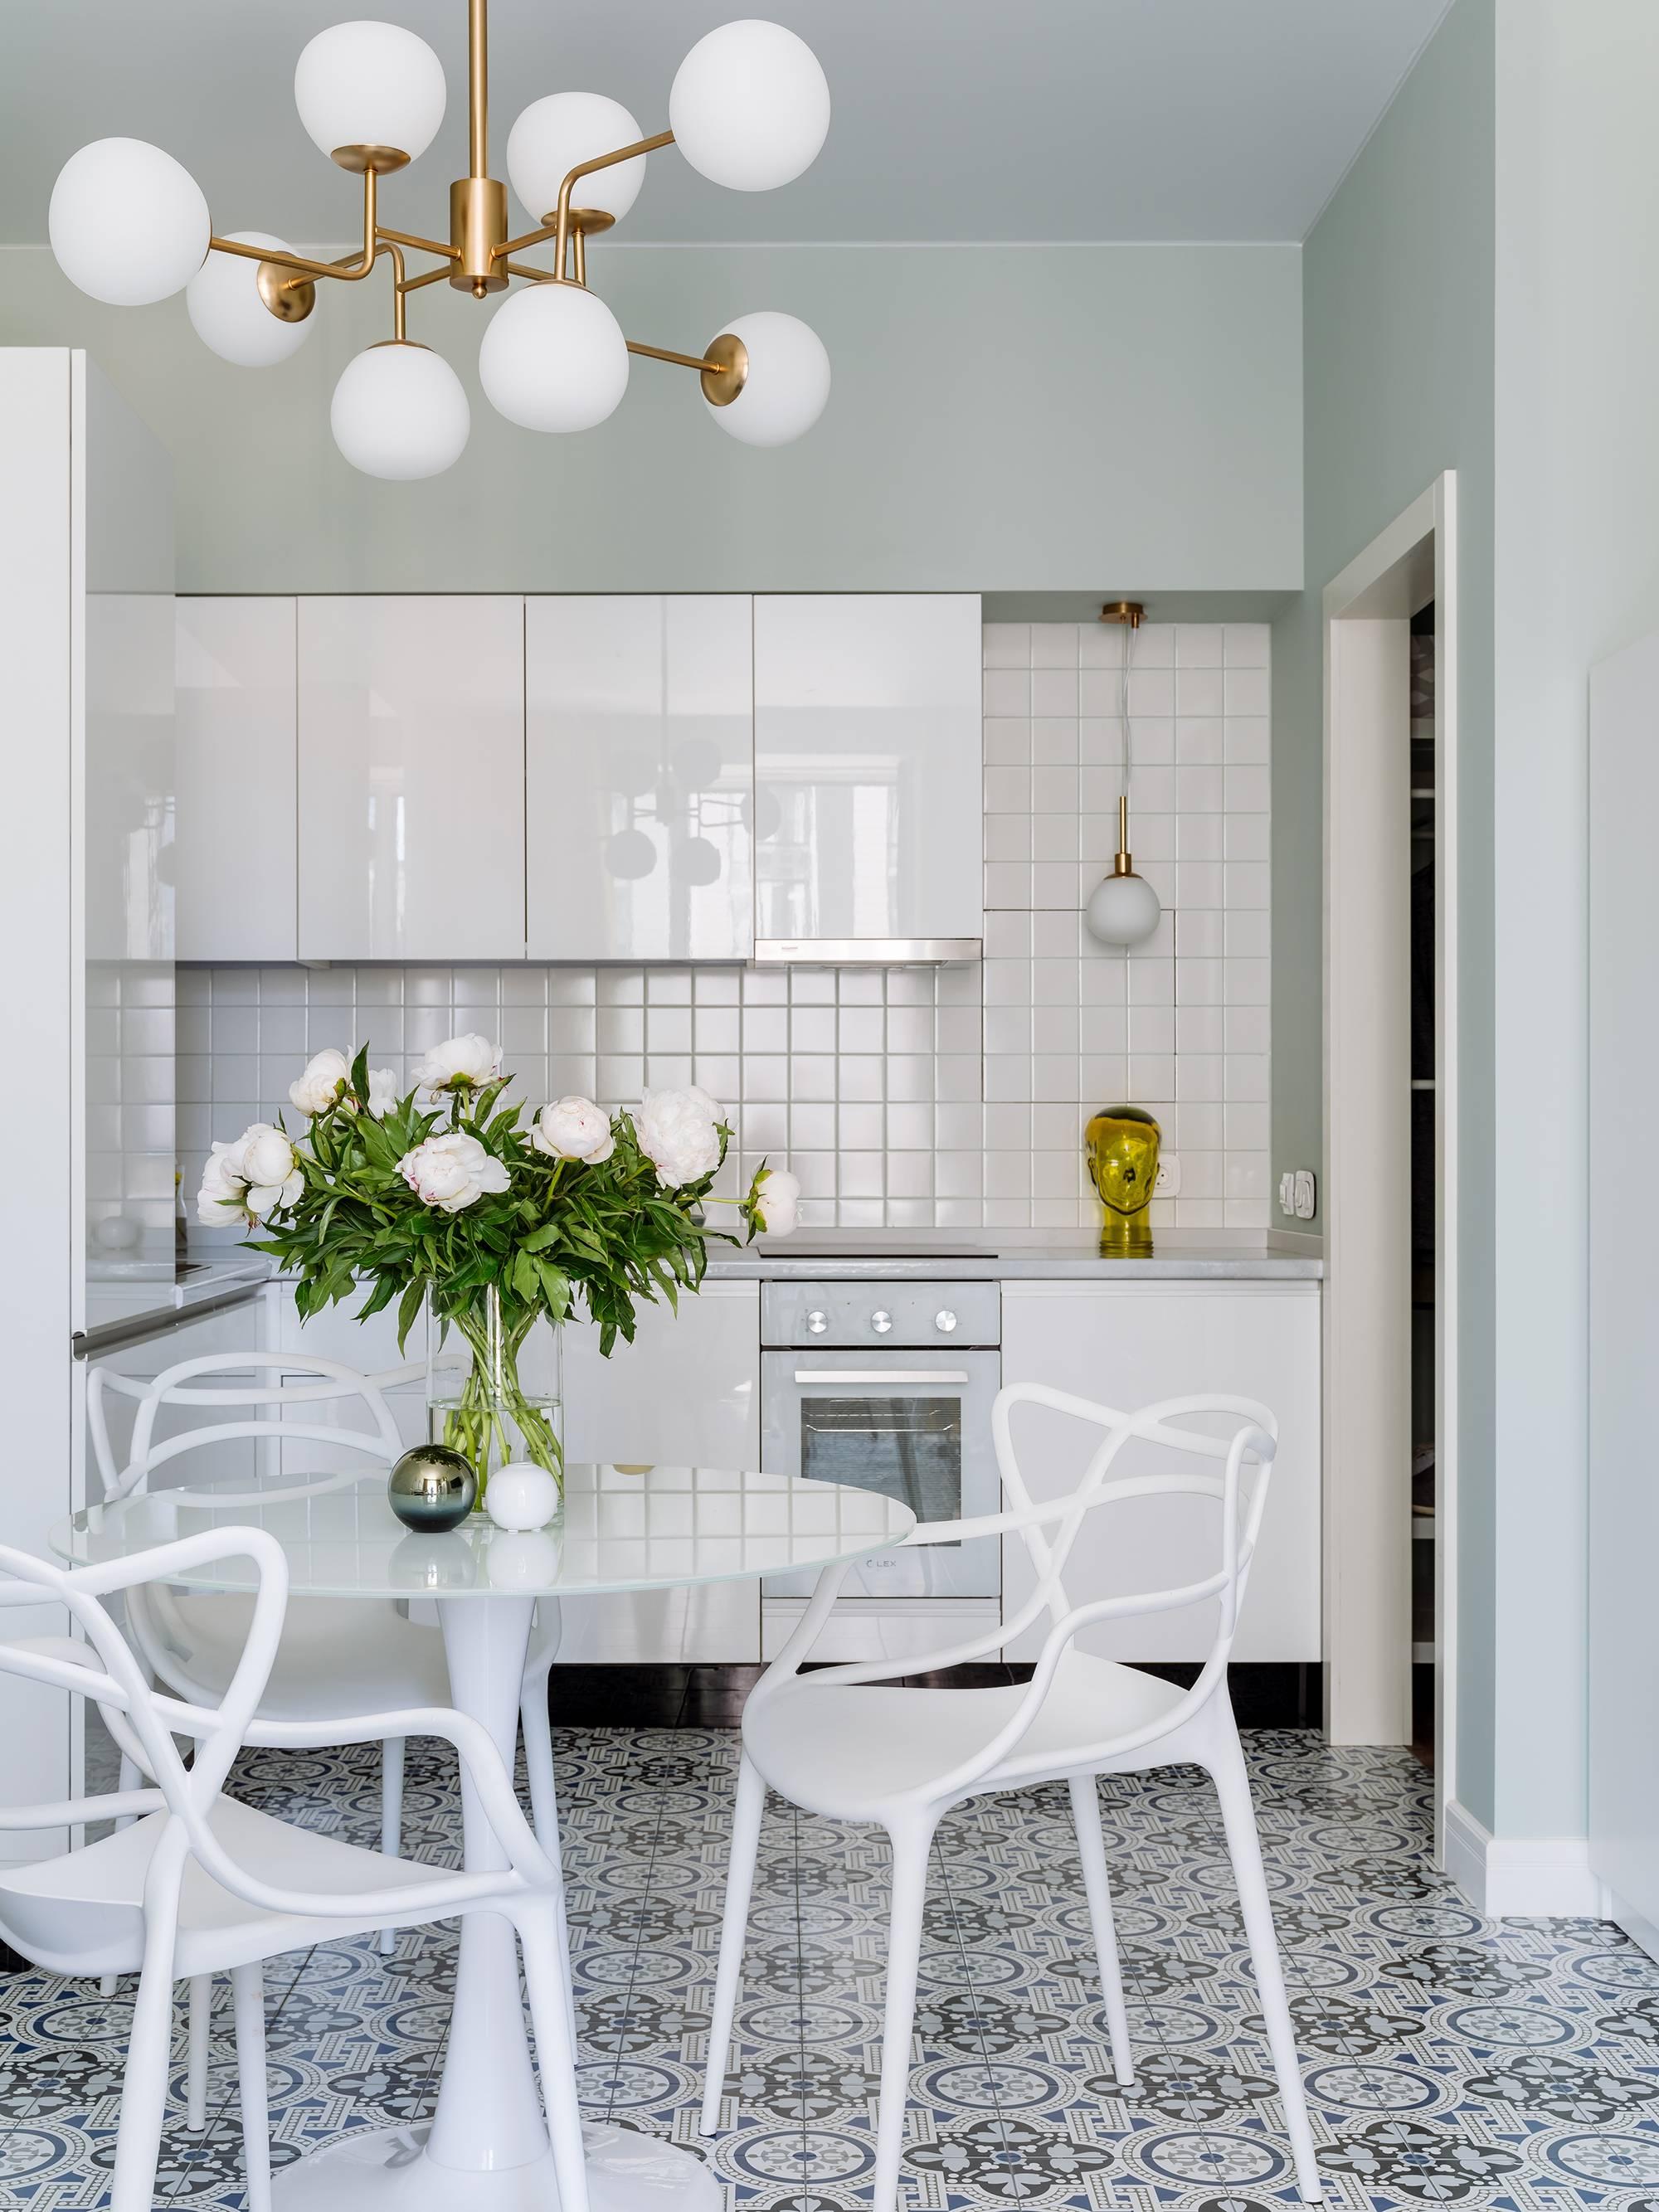 Кухни икеа: 100 реальных фото интерьеров + советы покупателю